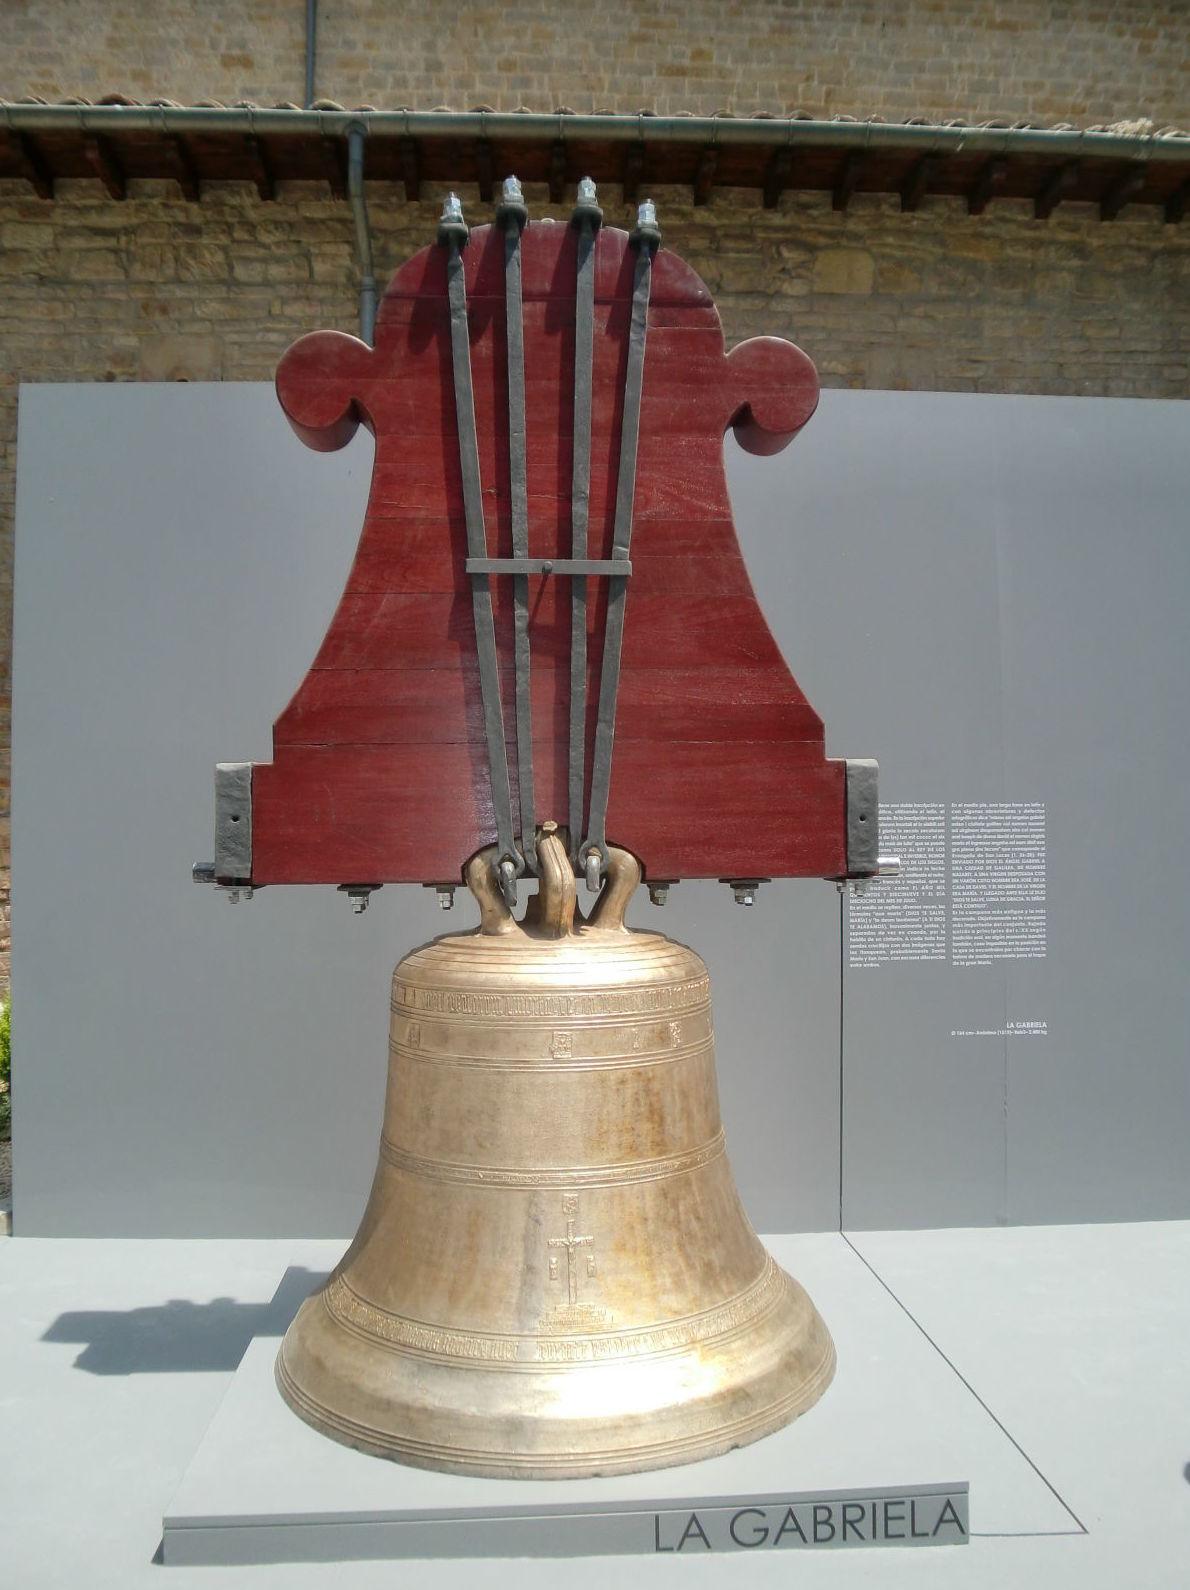 Soldadura de campanas: Productos de 2001 Técnica y Artesanía